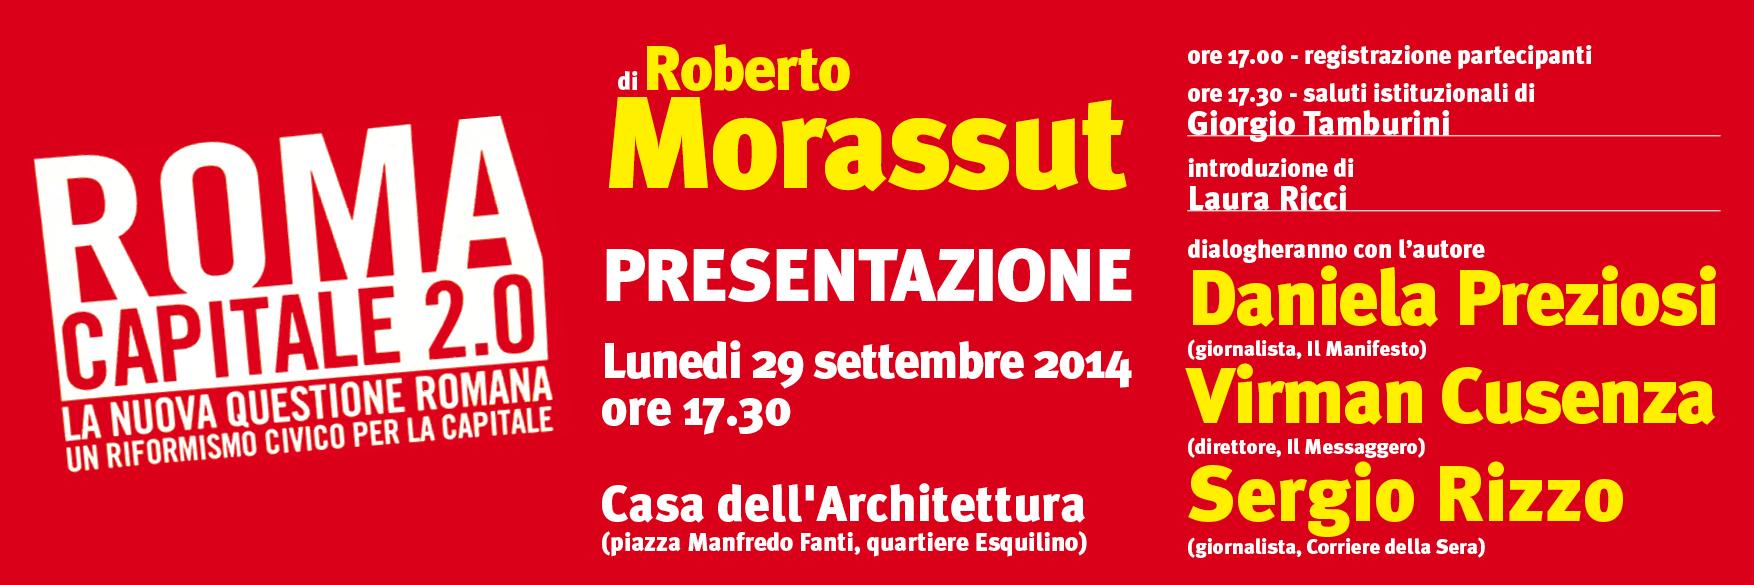 Morassut convegno 29 sett 2014